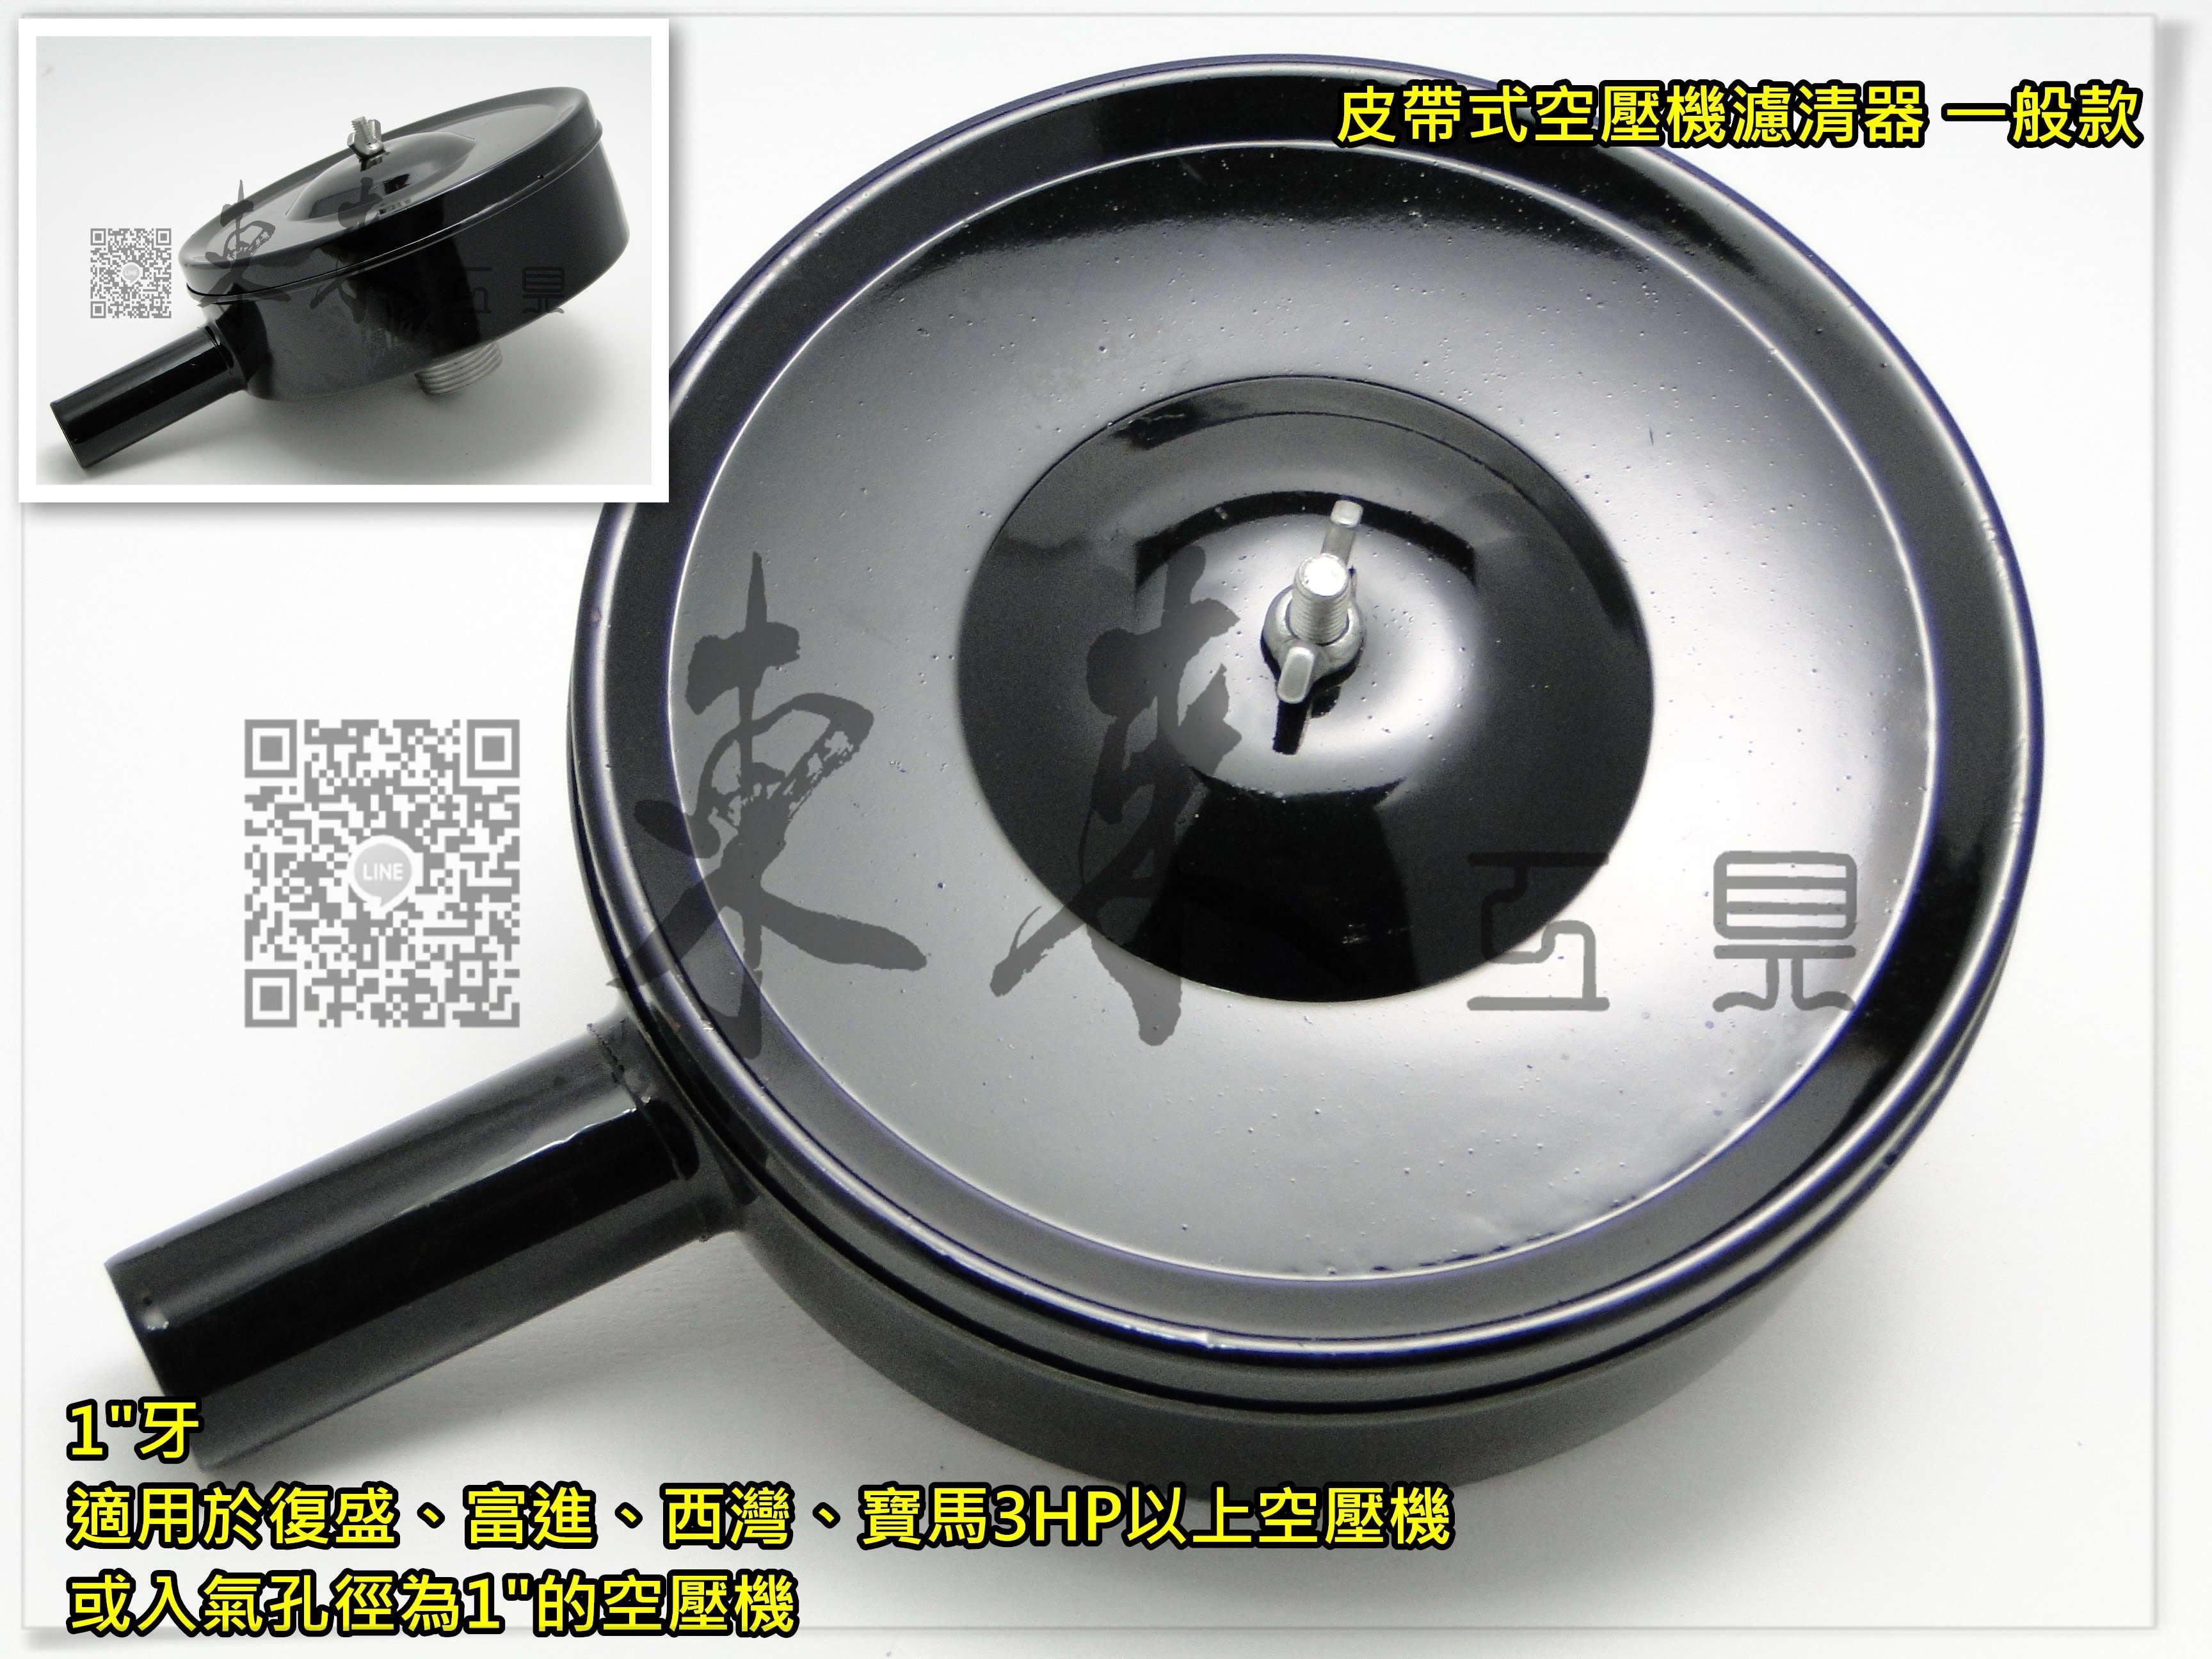 ㊣東來工具㊣復盛型3HP~15HP 濾清器 空氣濾芯器 濾清器總成 空壓機專用